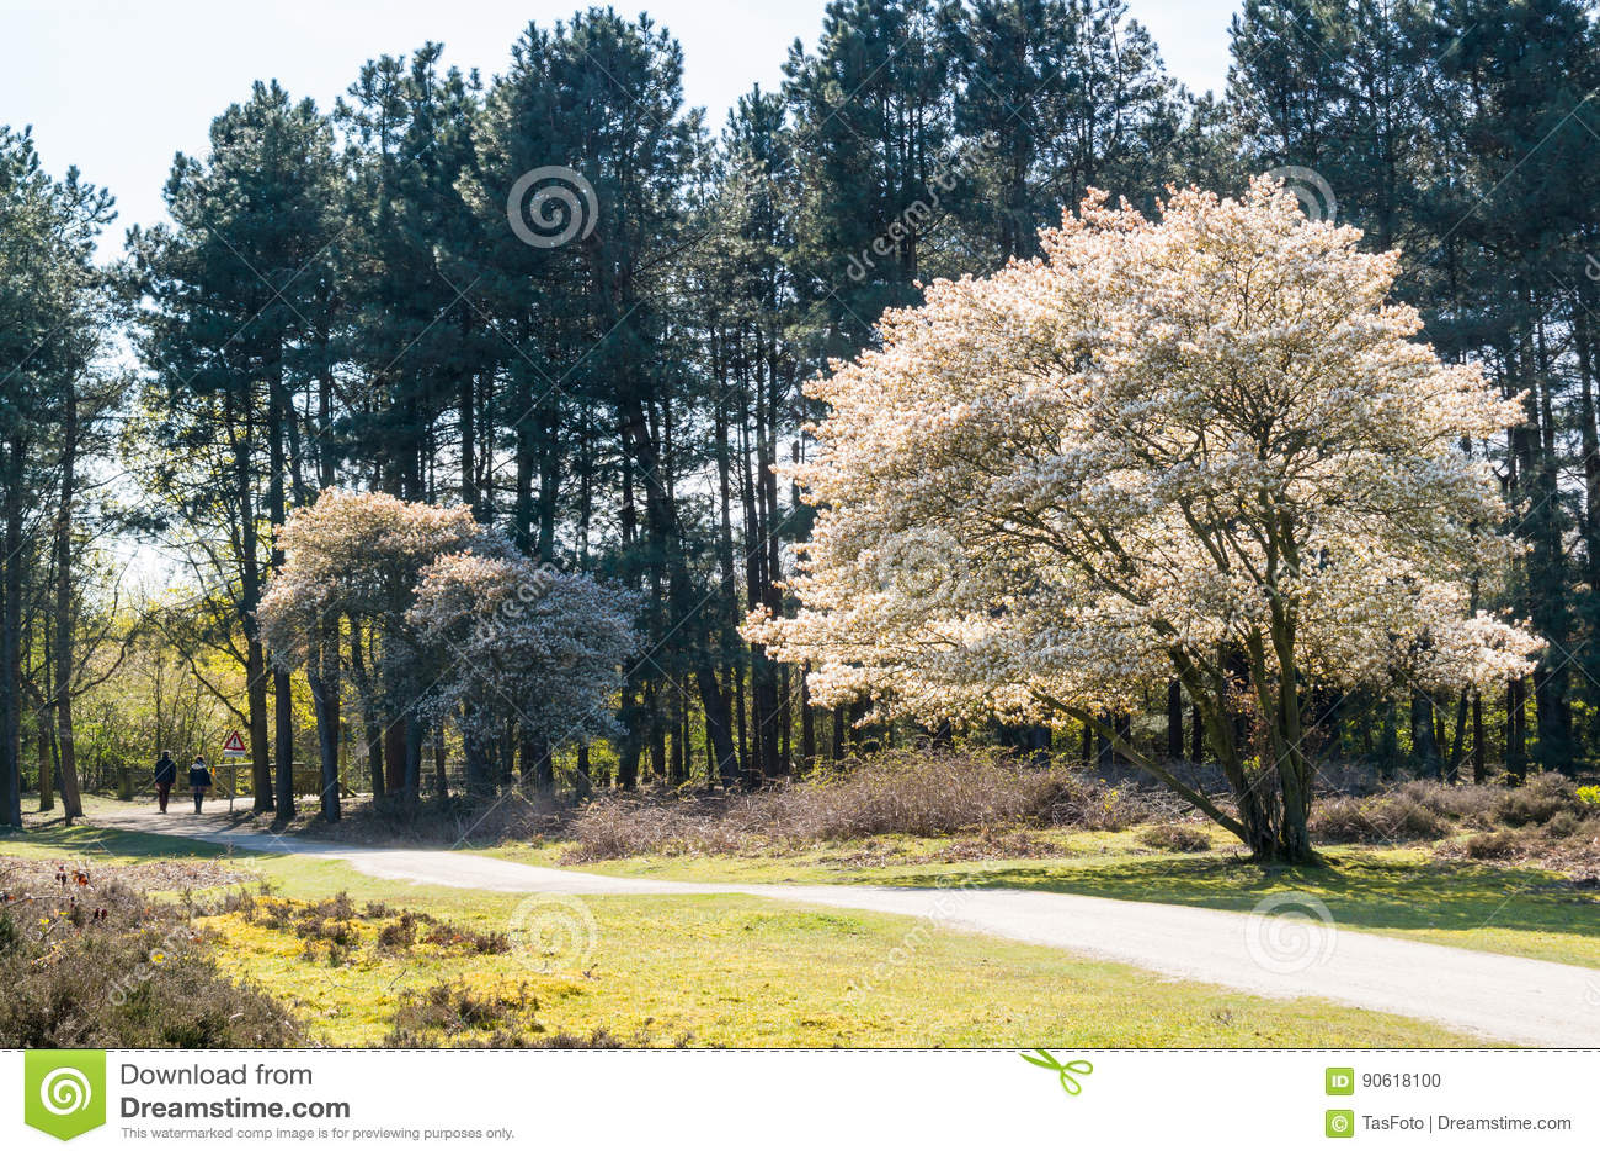 Serviceberryträd i blom och banan, hed, Nederländerna